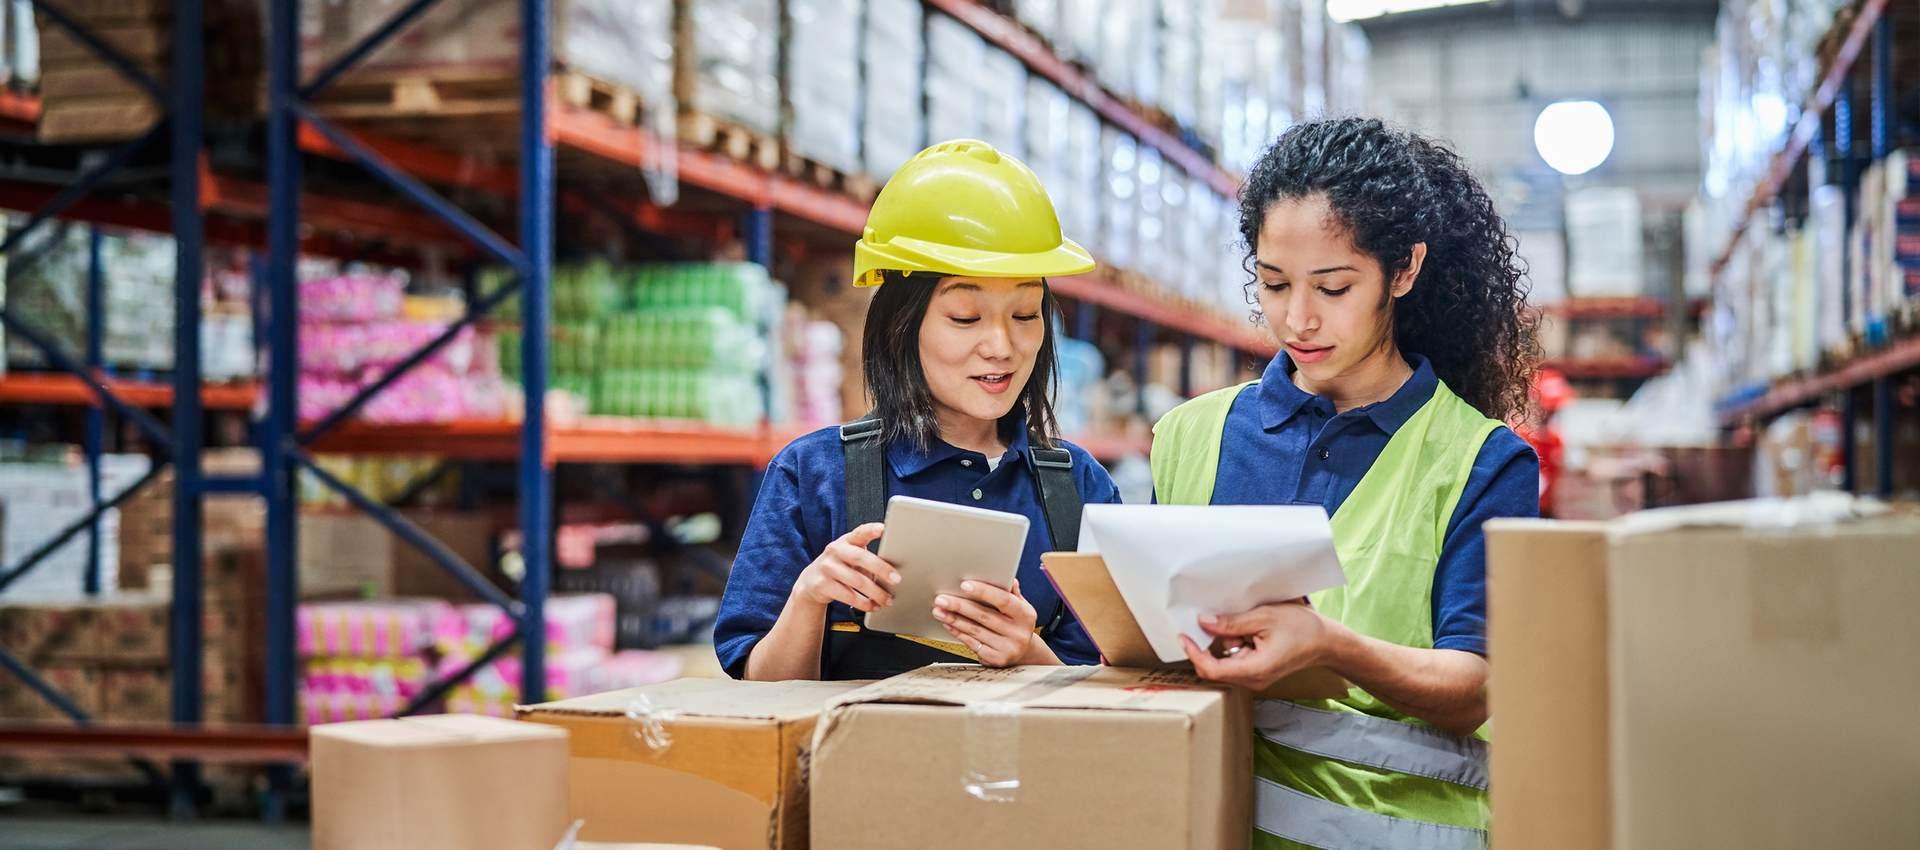 Warehouse Packing Station: 5 Factors to Consider to Avoid Bottlenecks